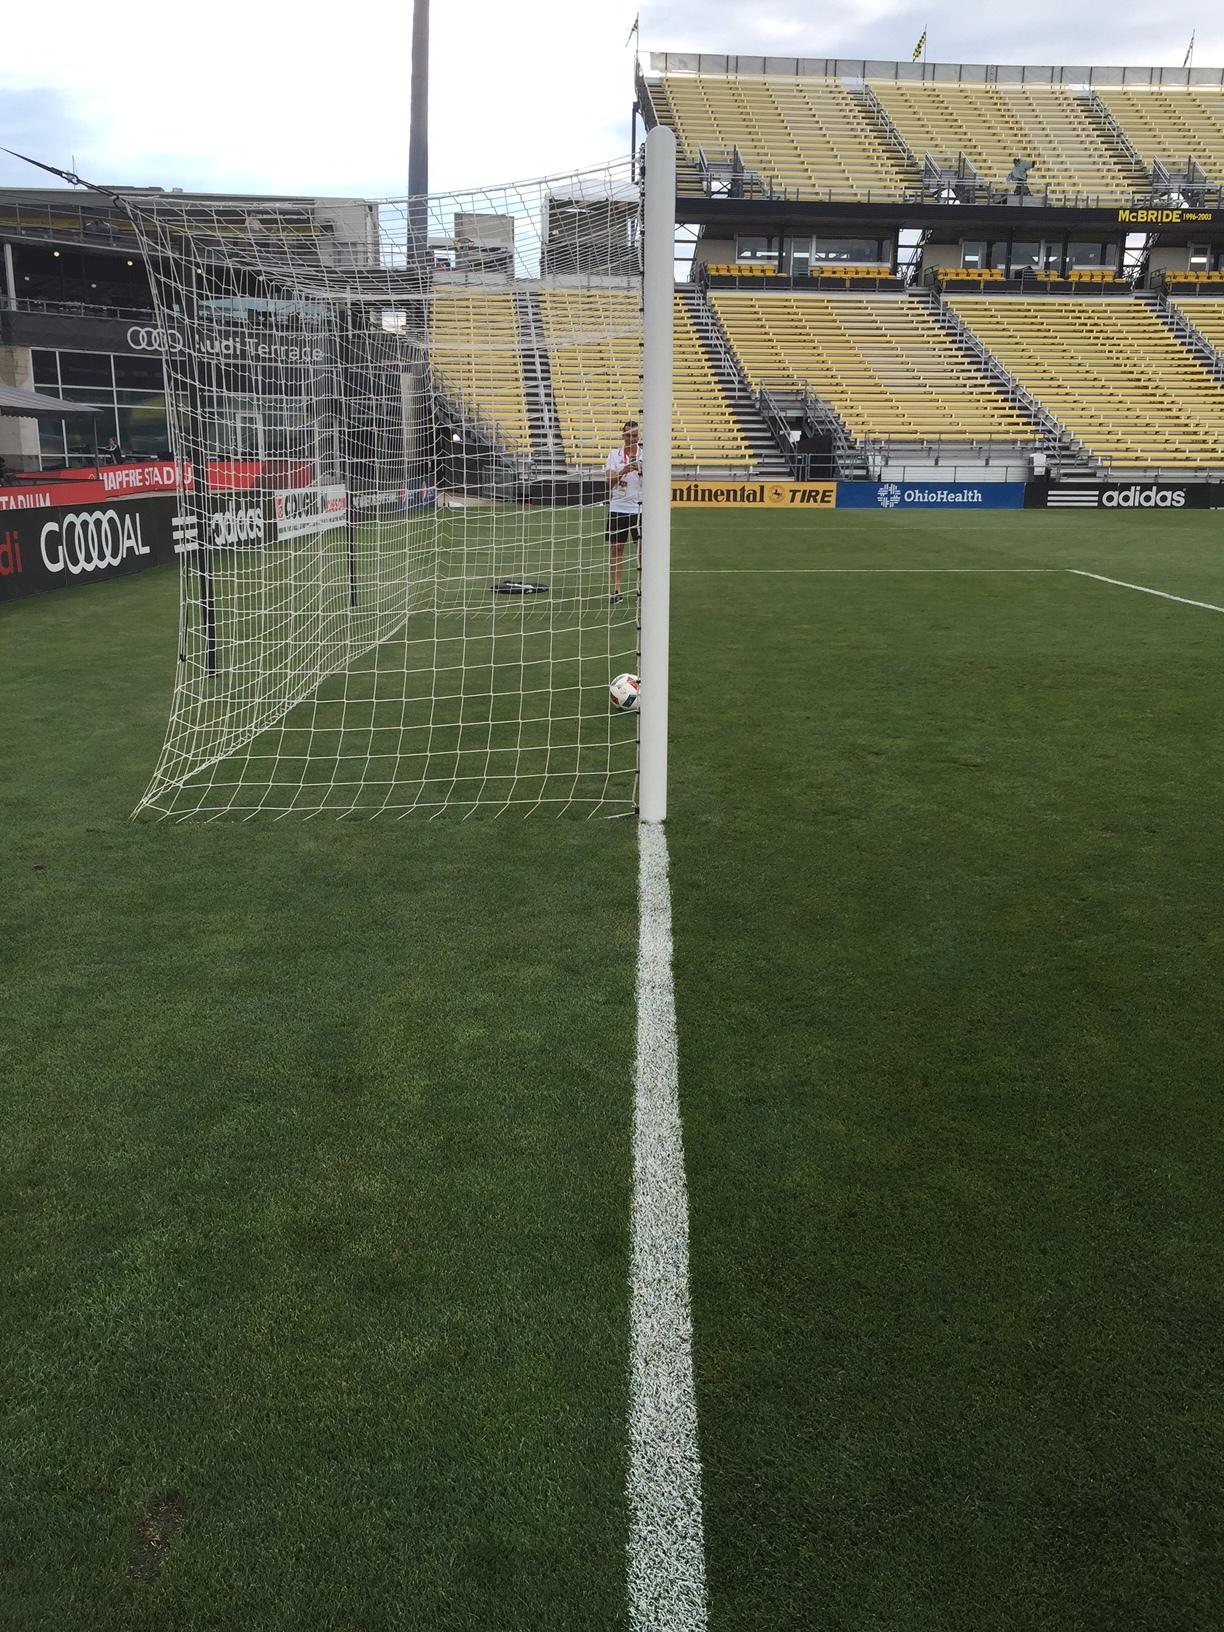 On goal line